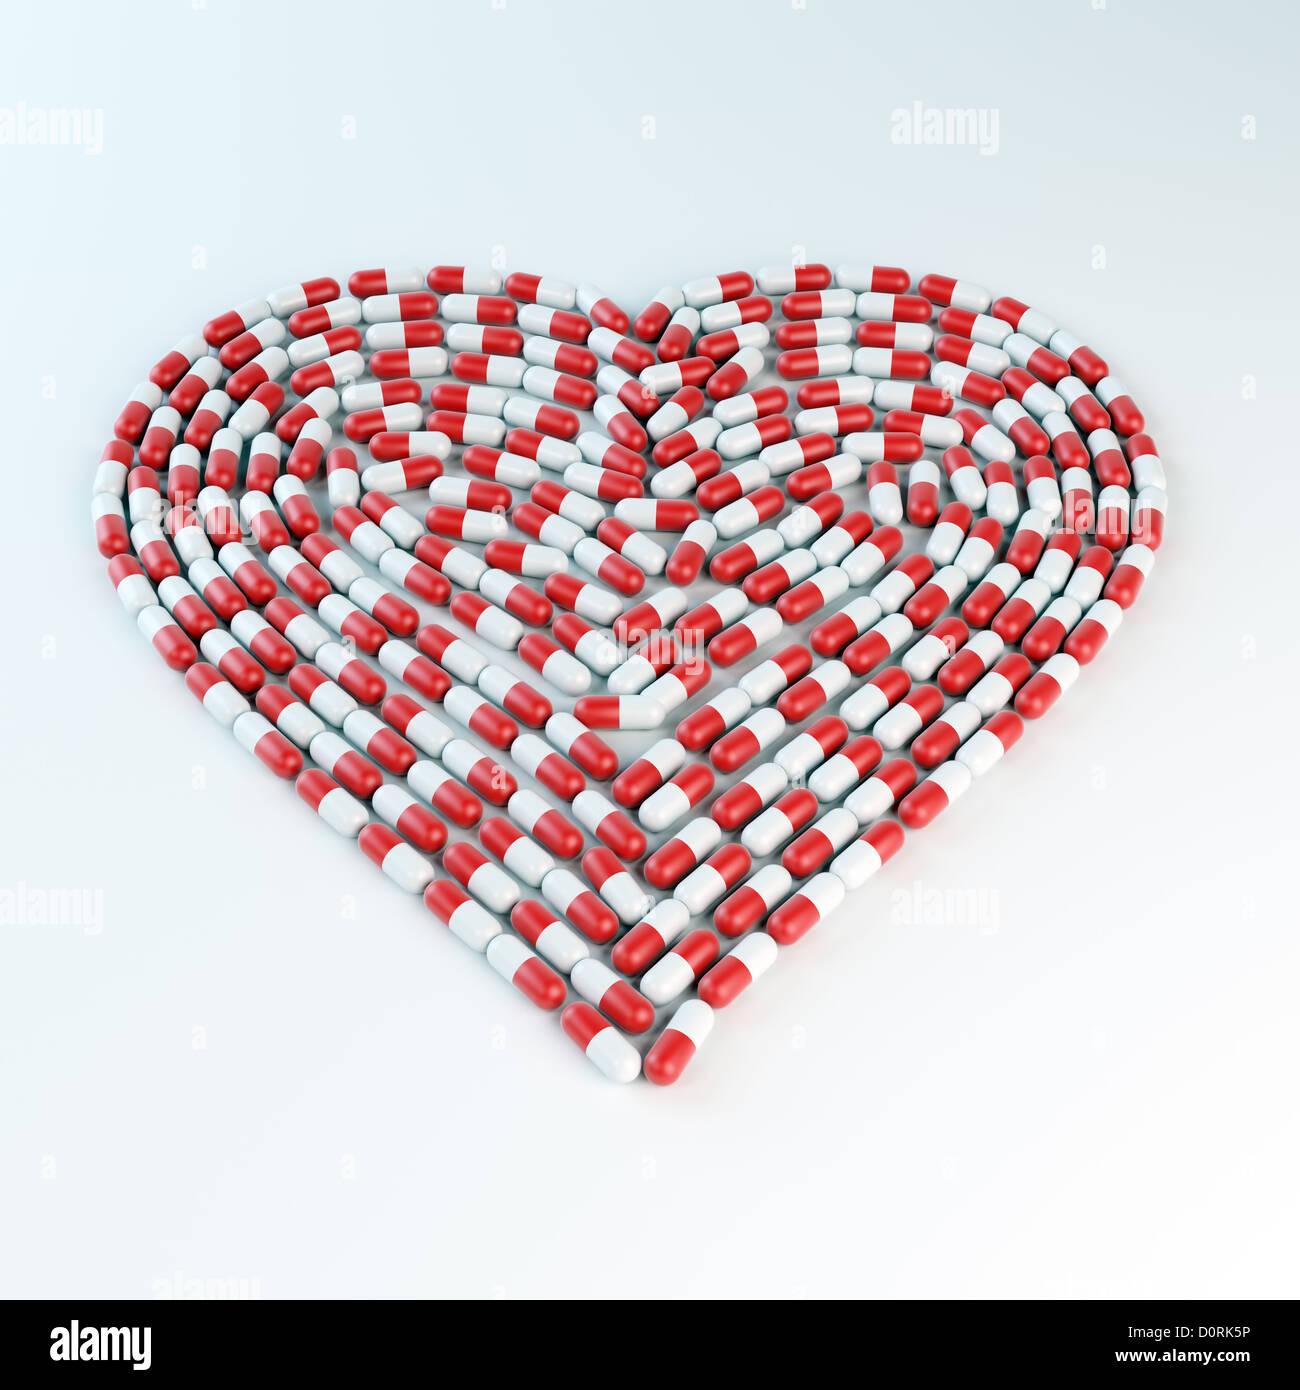 Rote und weiße Kapseln bilden ein Herz shap Stockbild